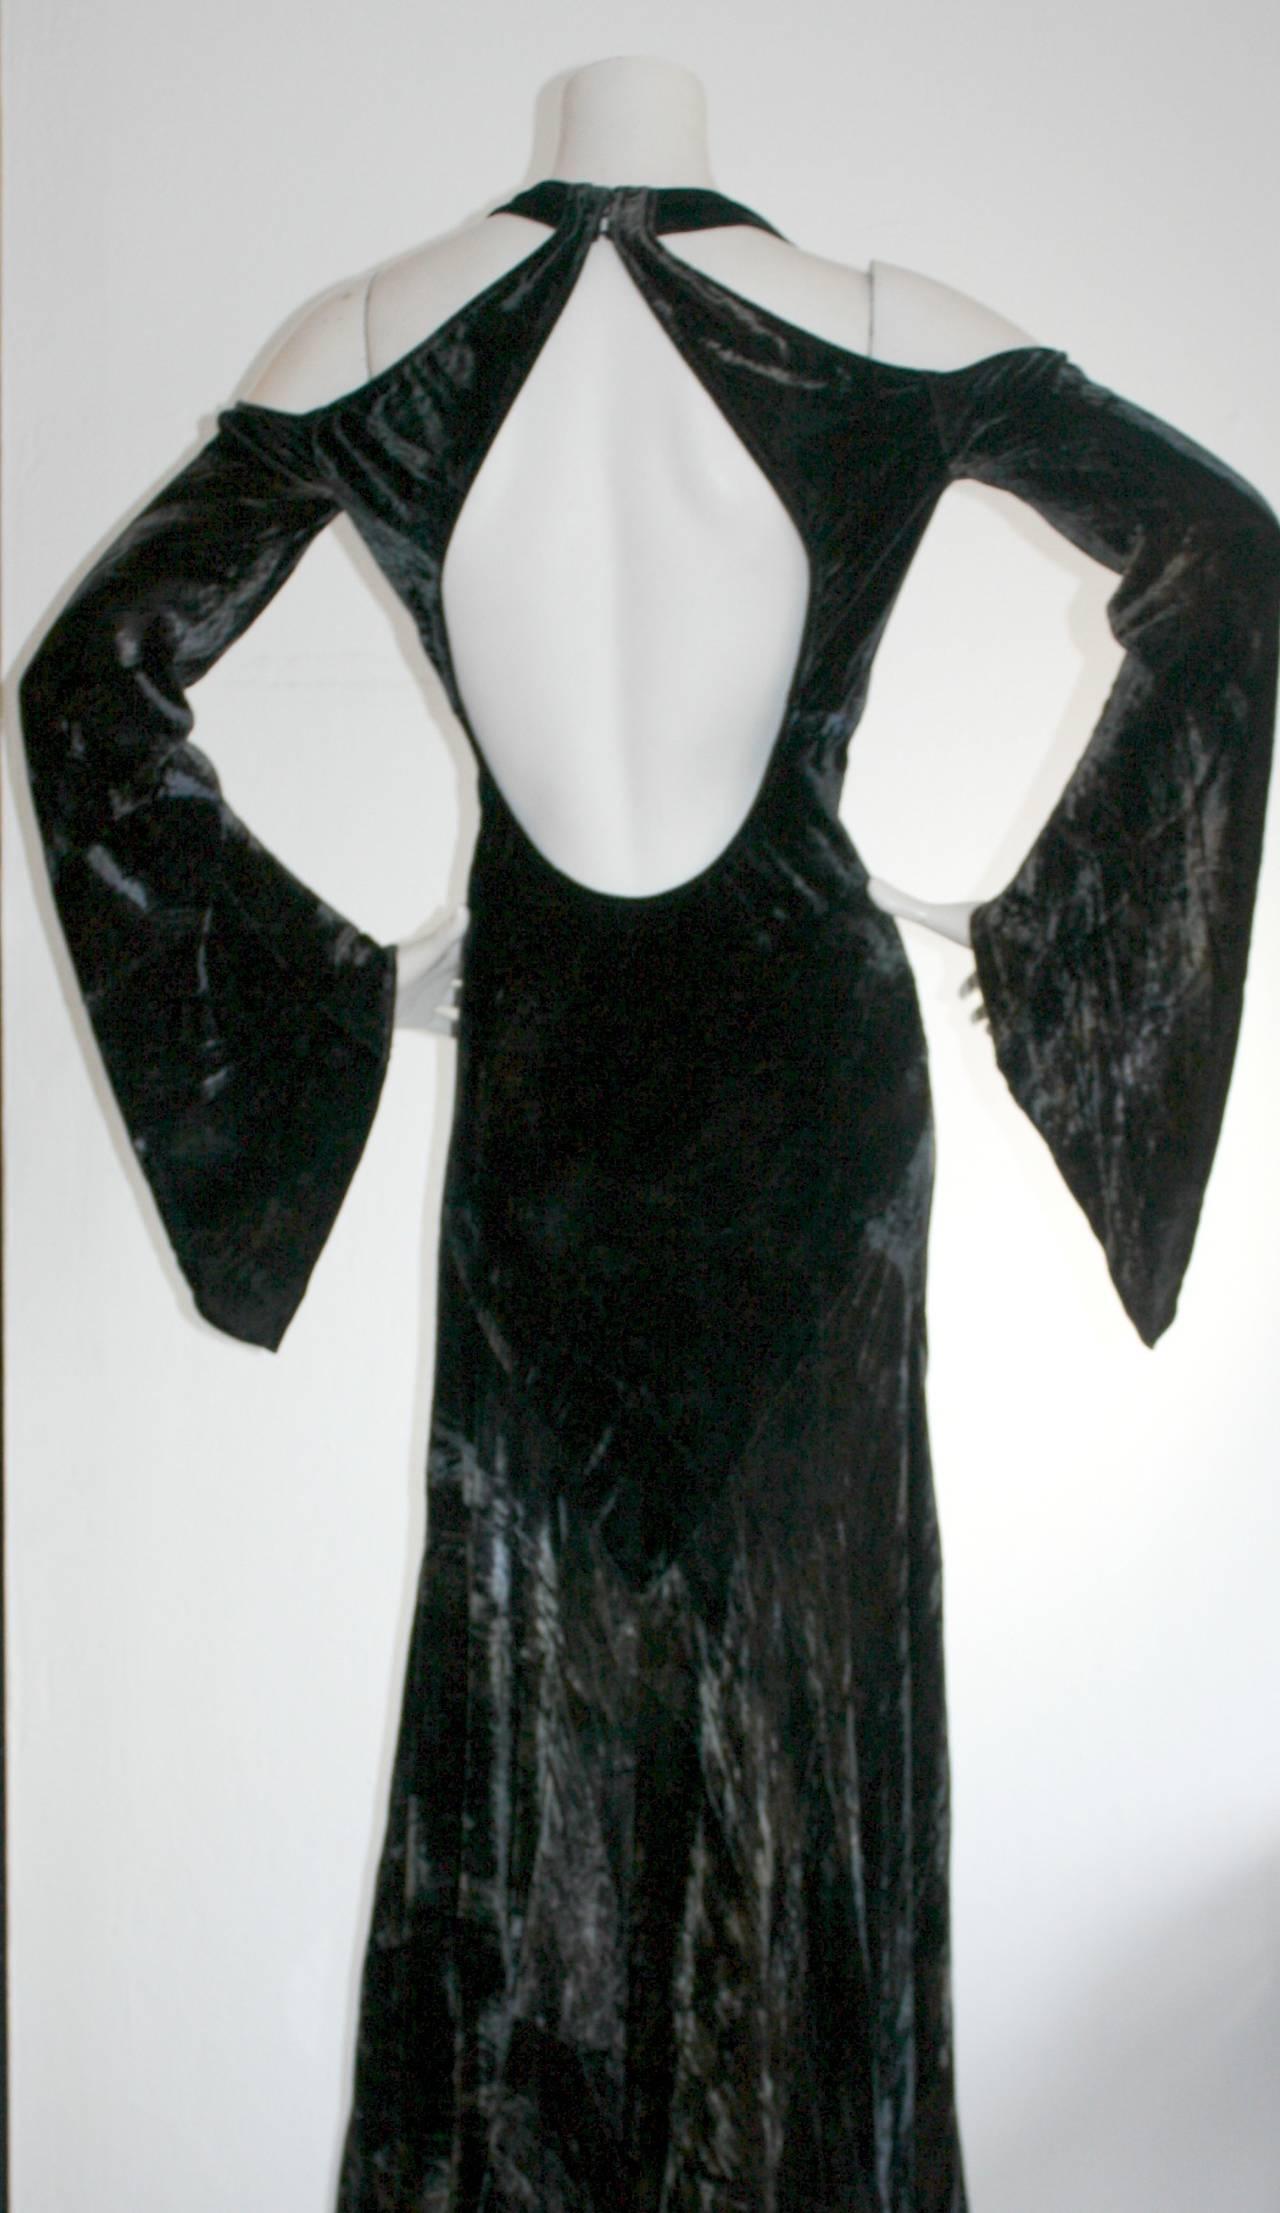 Vintage Donna Karan Ombré Crushed Velvet Blue & Green Open Back Runway Gown For Sale 3